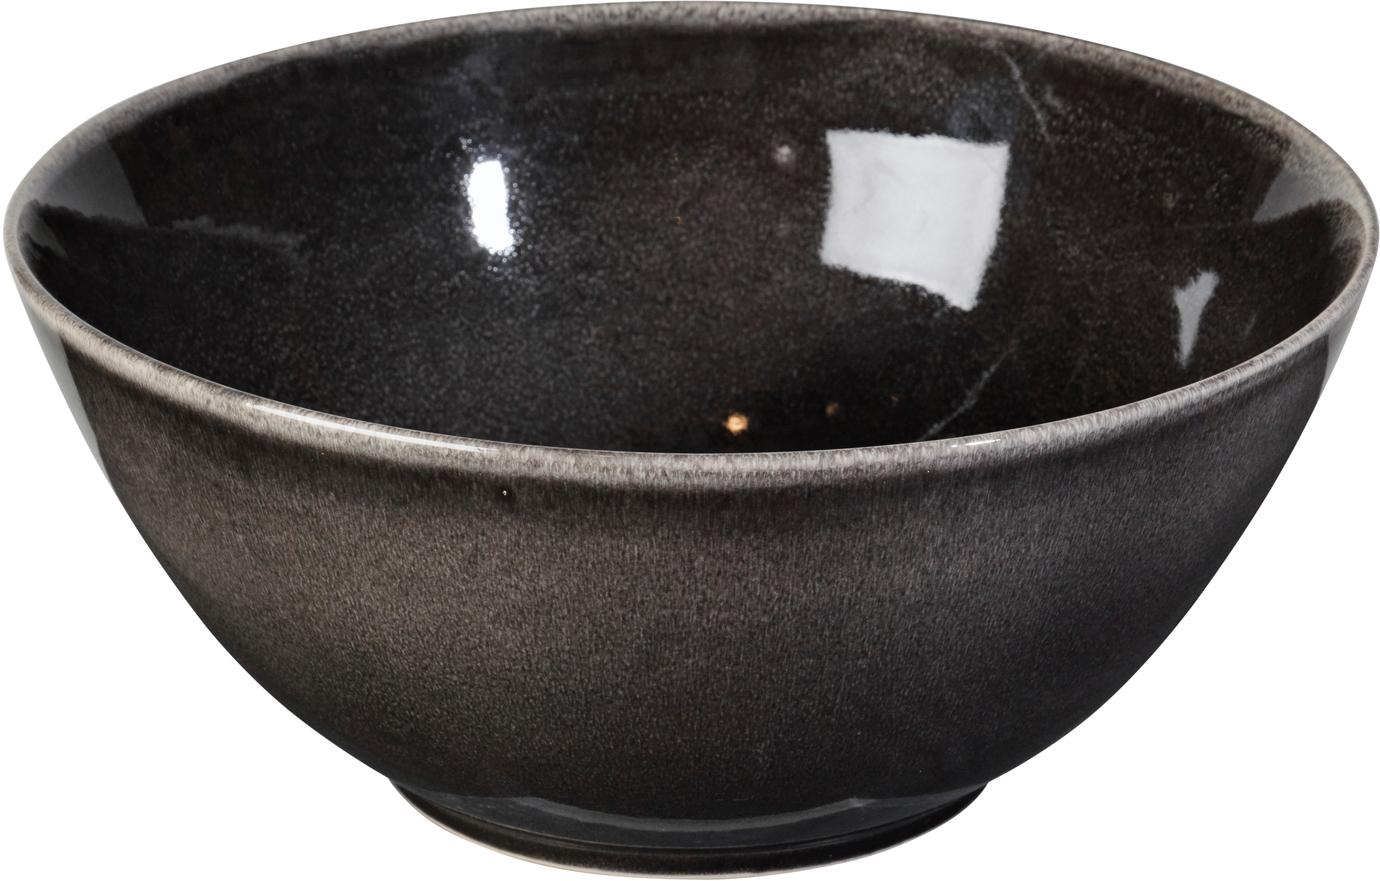 Handgemachte Schüssel Nordic Coal Ø 25 cm aus Steingut, Steingut, Bräunlich, Ø 25 x H 11 cm